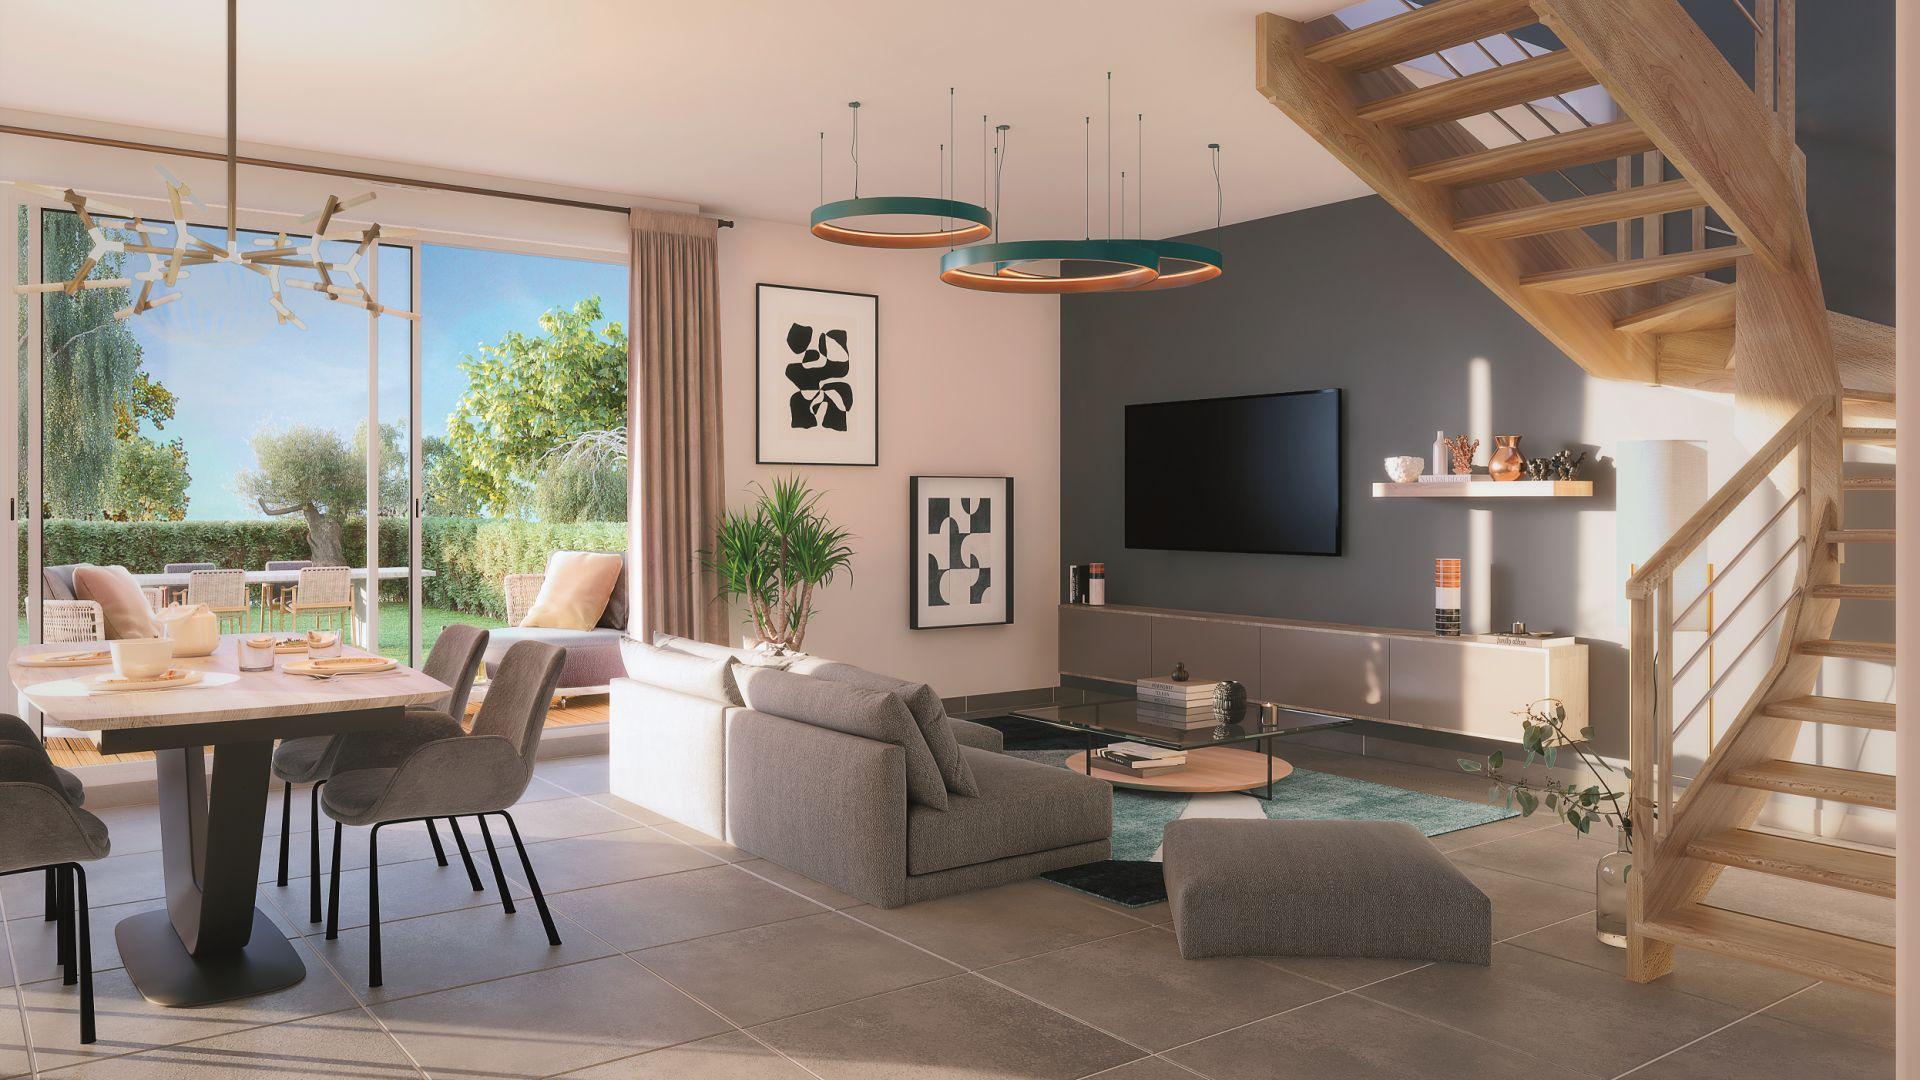 Greencity Immobilier - Domaine du Haumont - achat appartements et villas du T2 bis au T5 - Pins-Justaret 31860 - vue intérieure